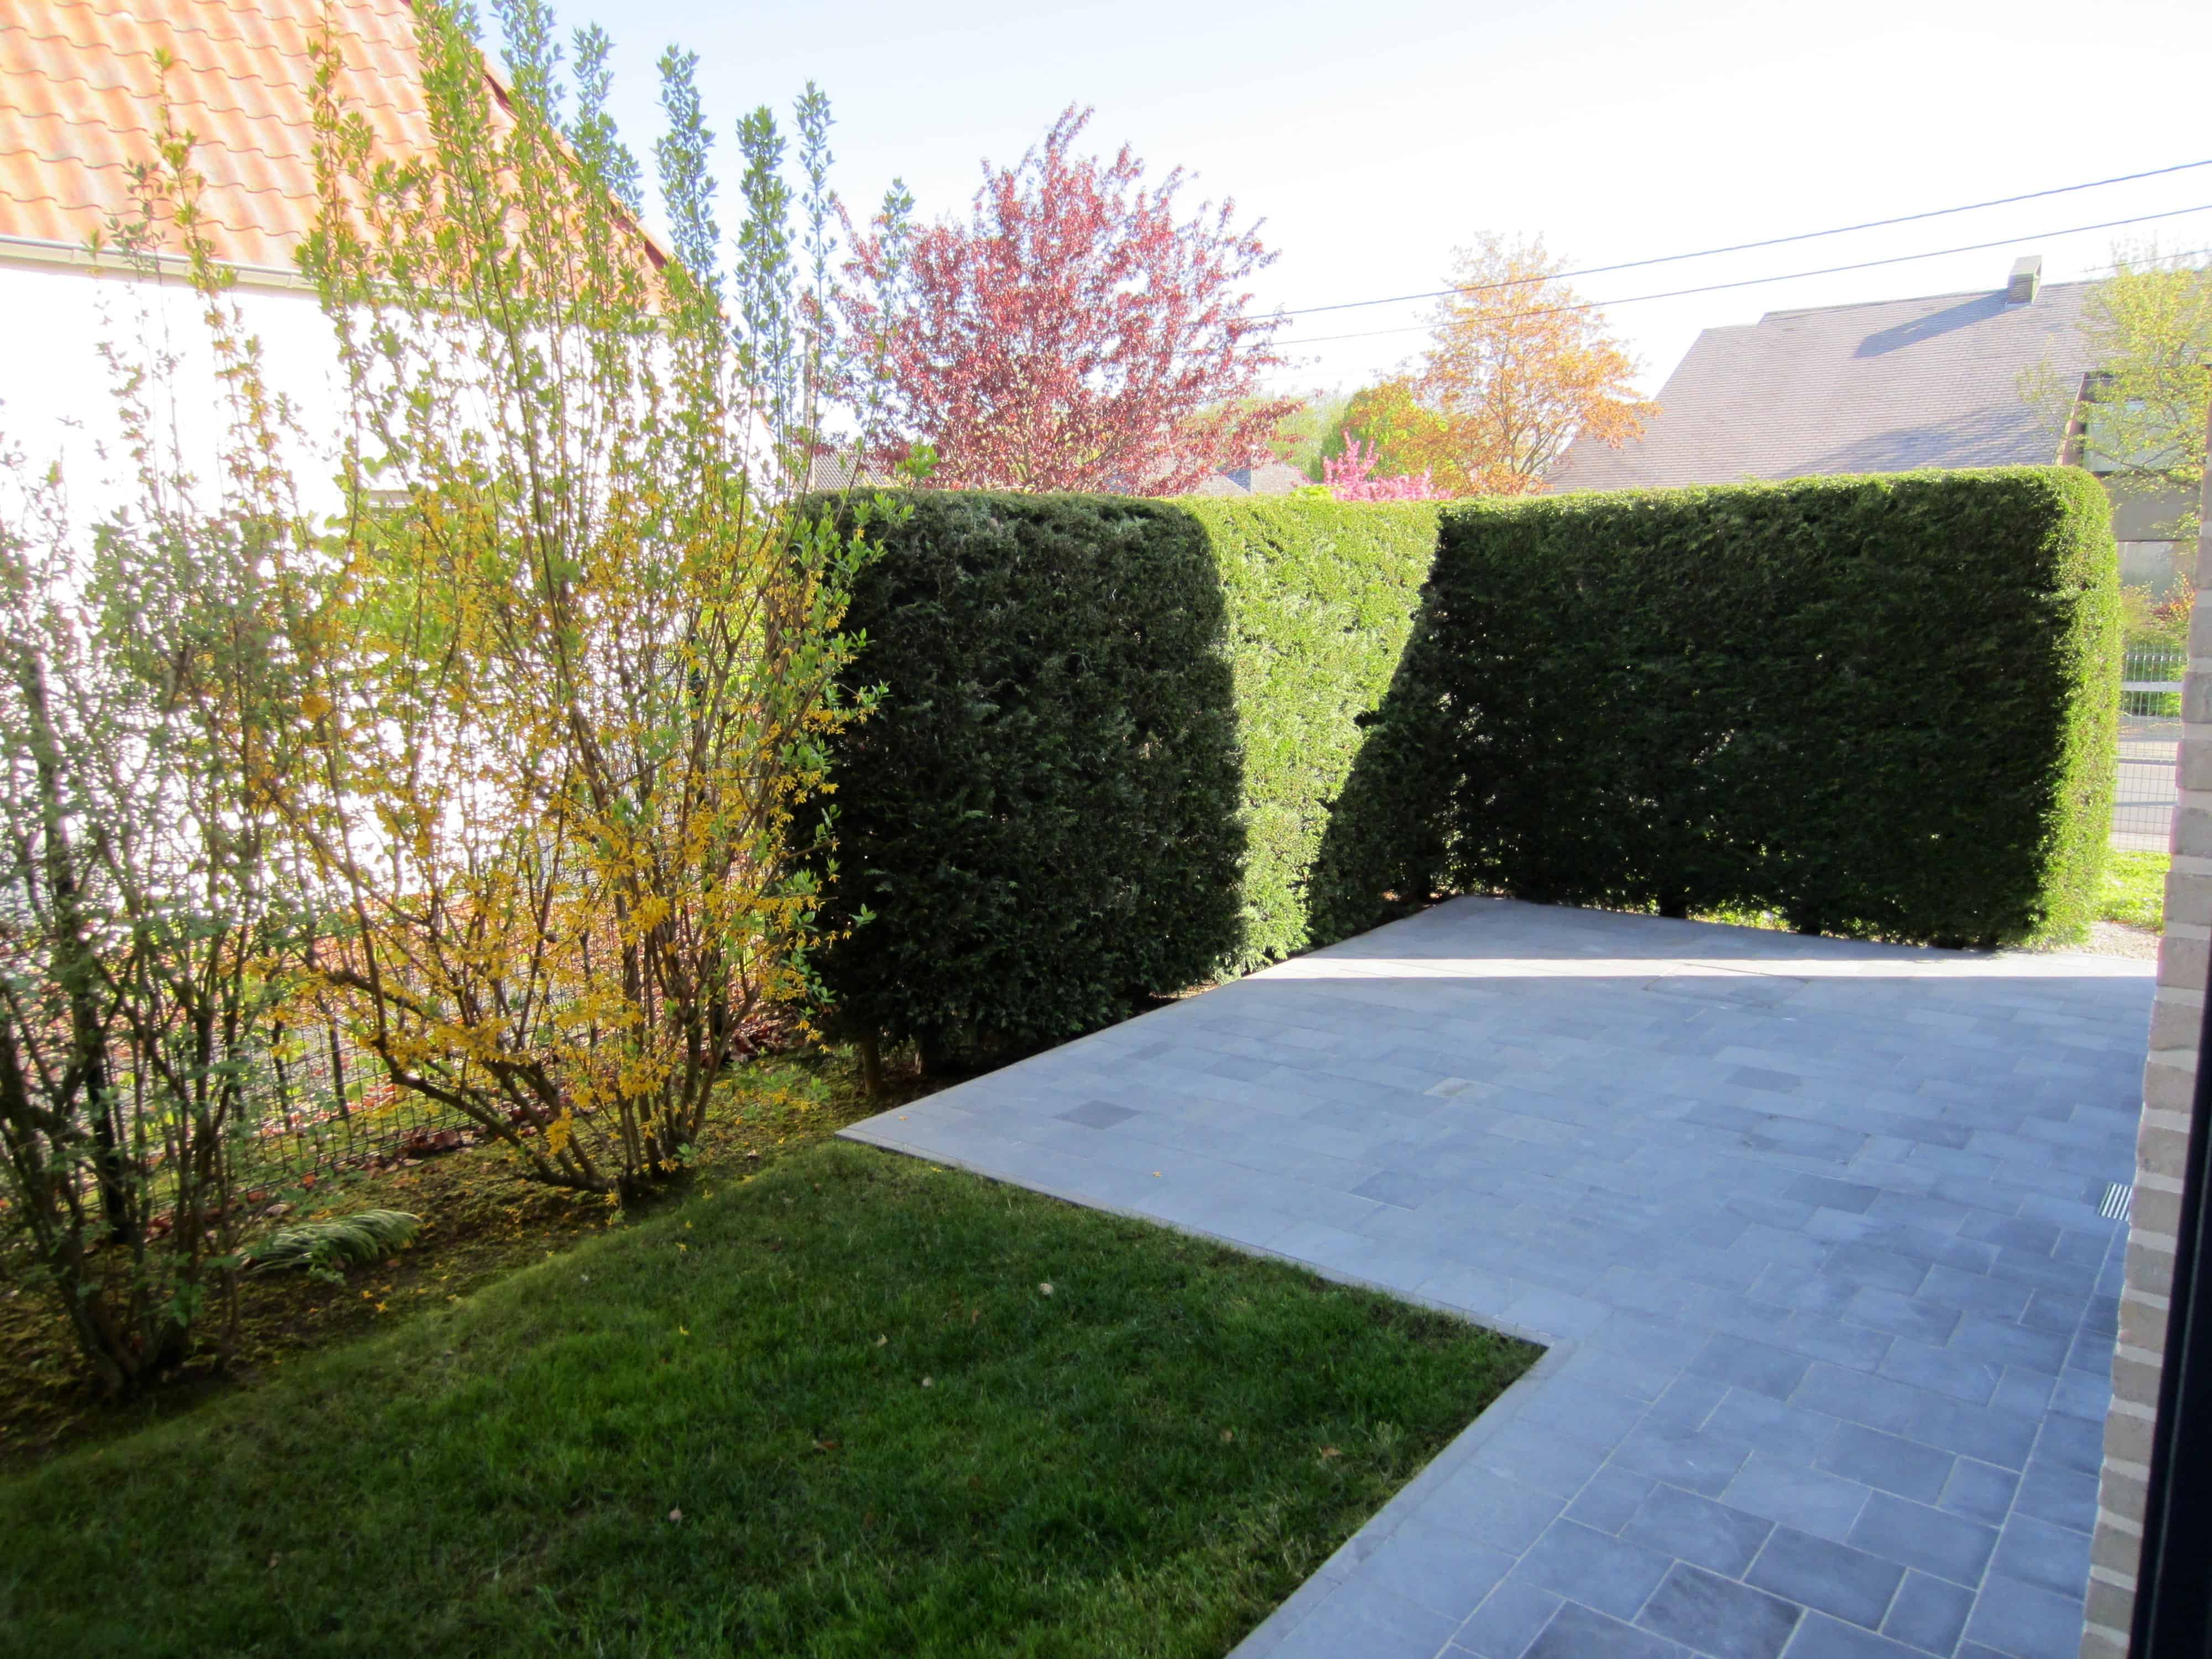 Coniferen/sparren vragen veel onderhoud, plaatsing wand/tuinscherm is onderhoudsvriendelijk alternatief